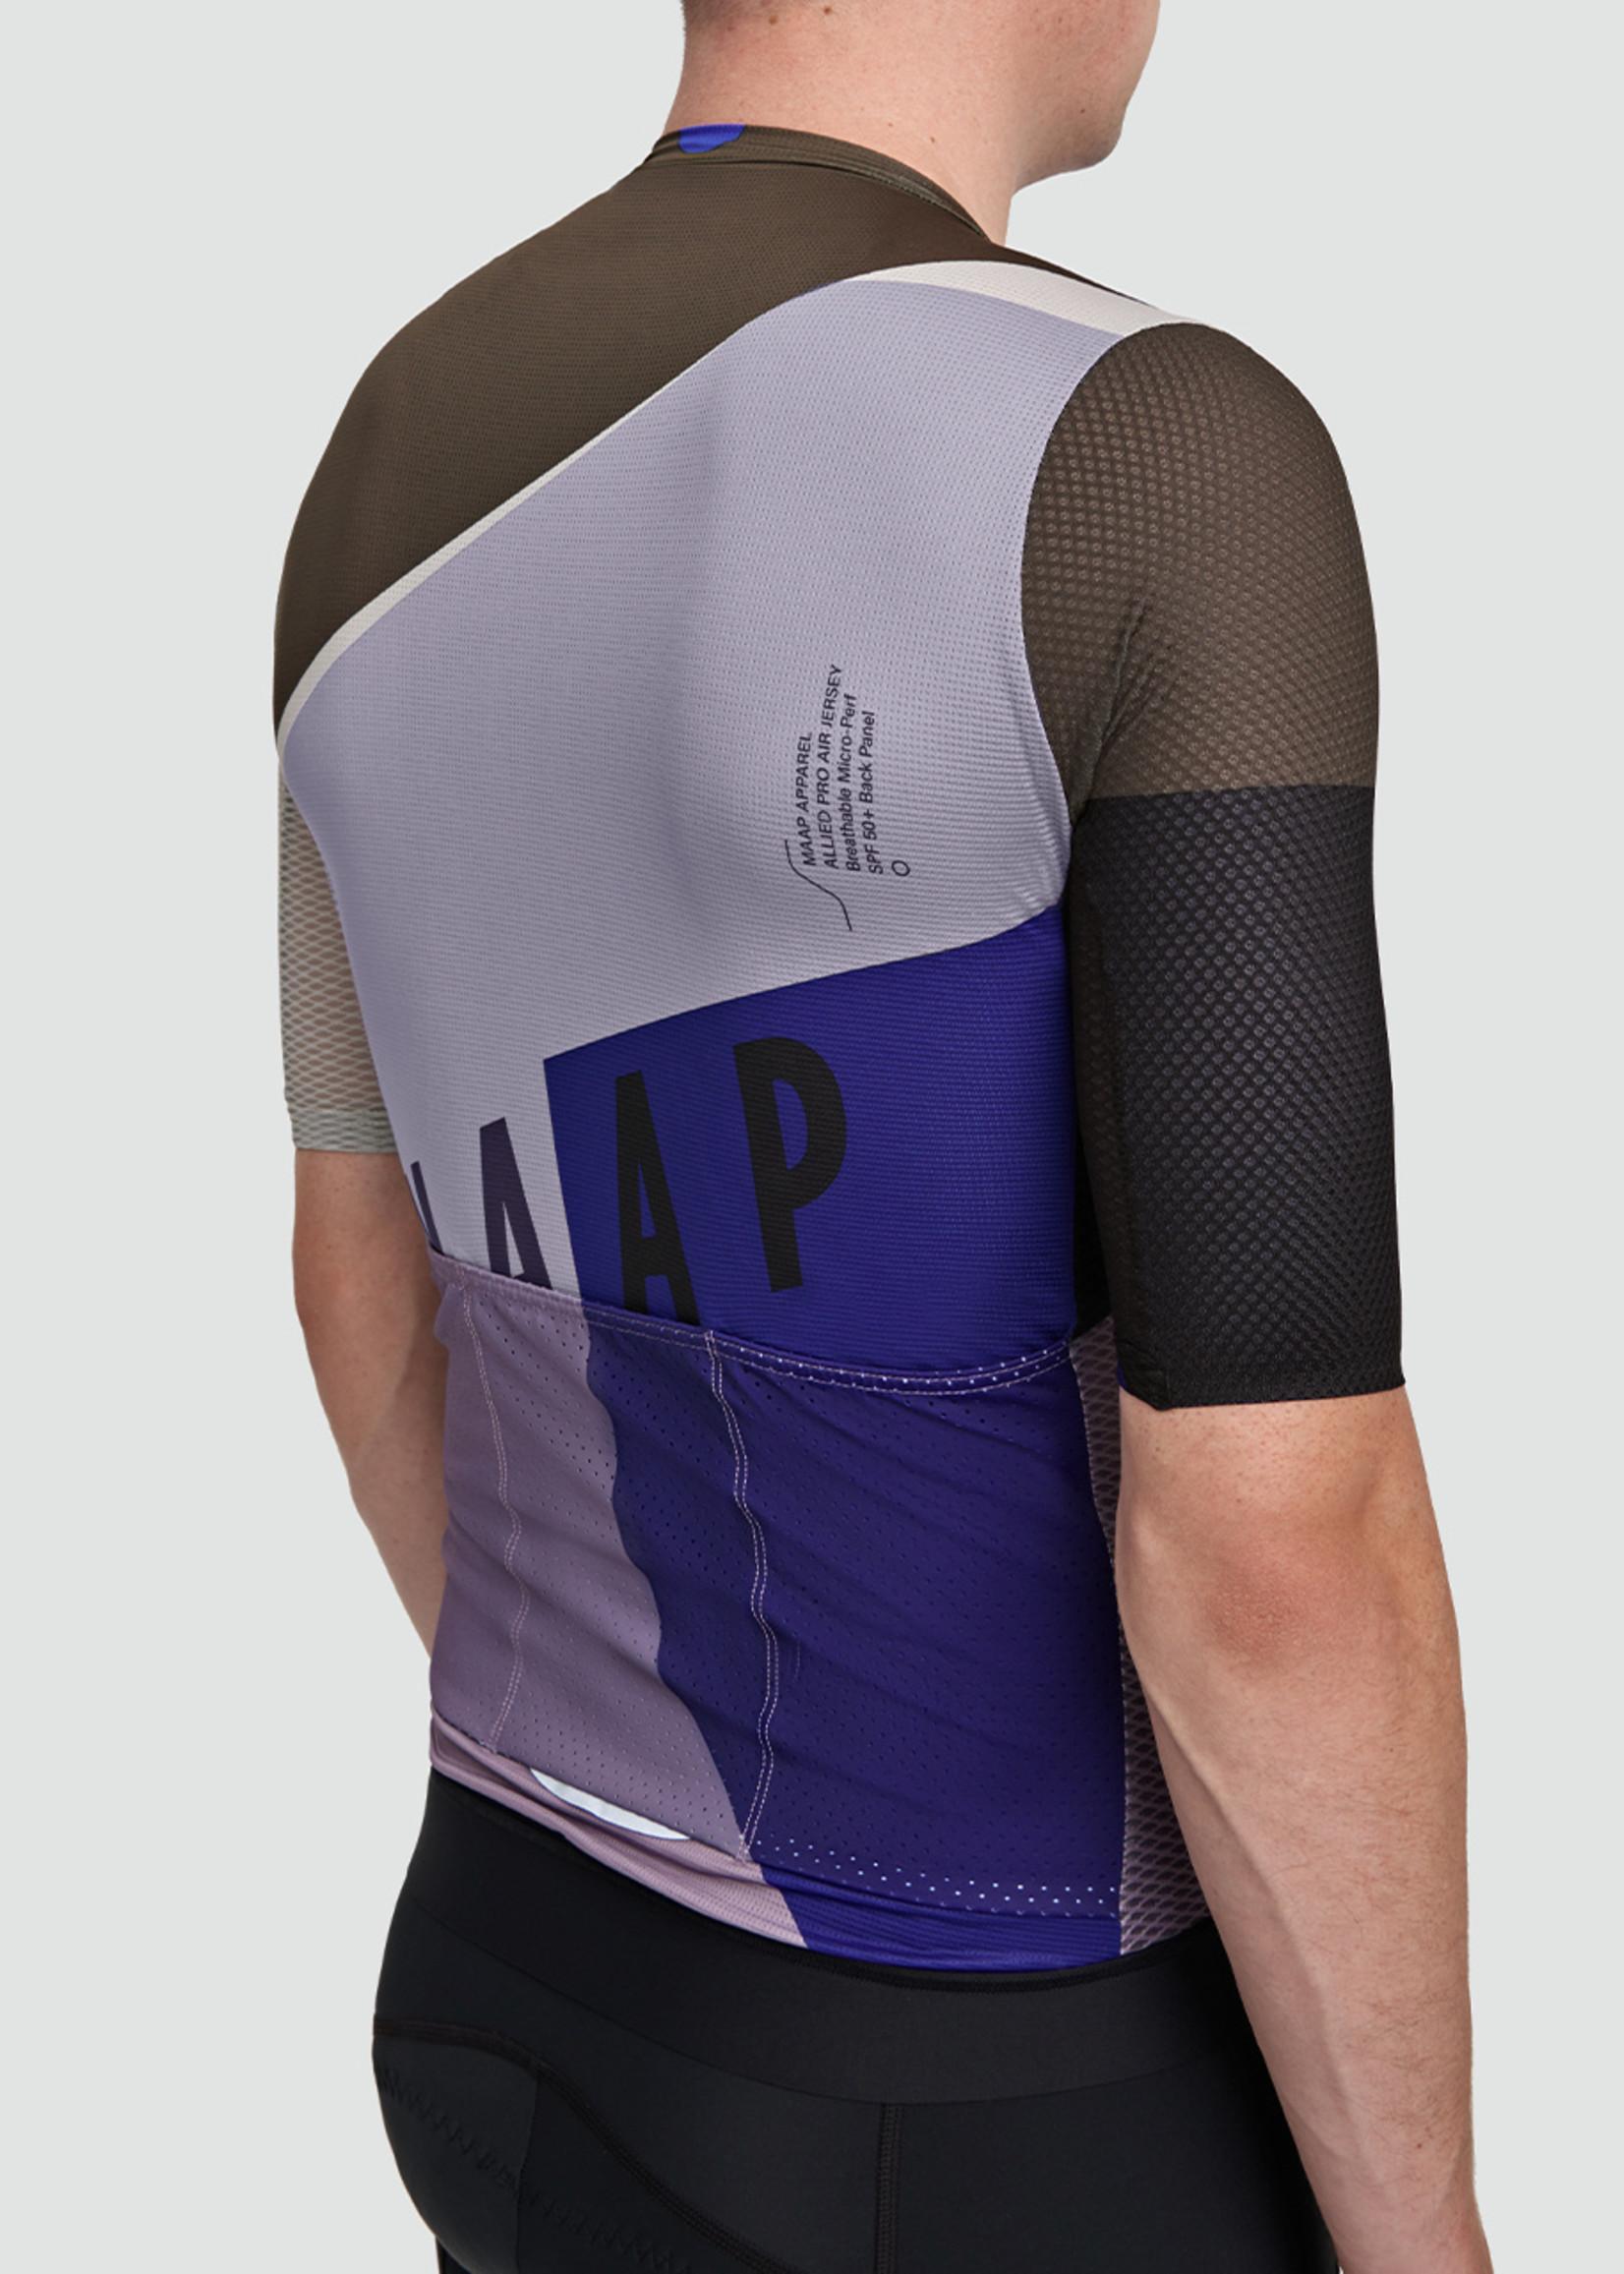 Maap Allied Pro Air Jersey - Purple Ash